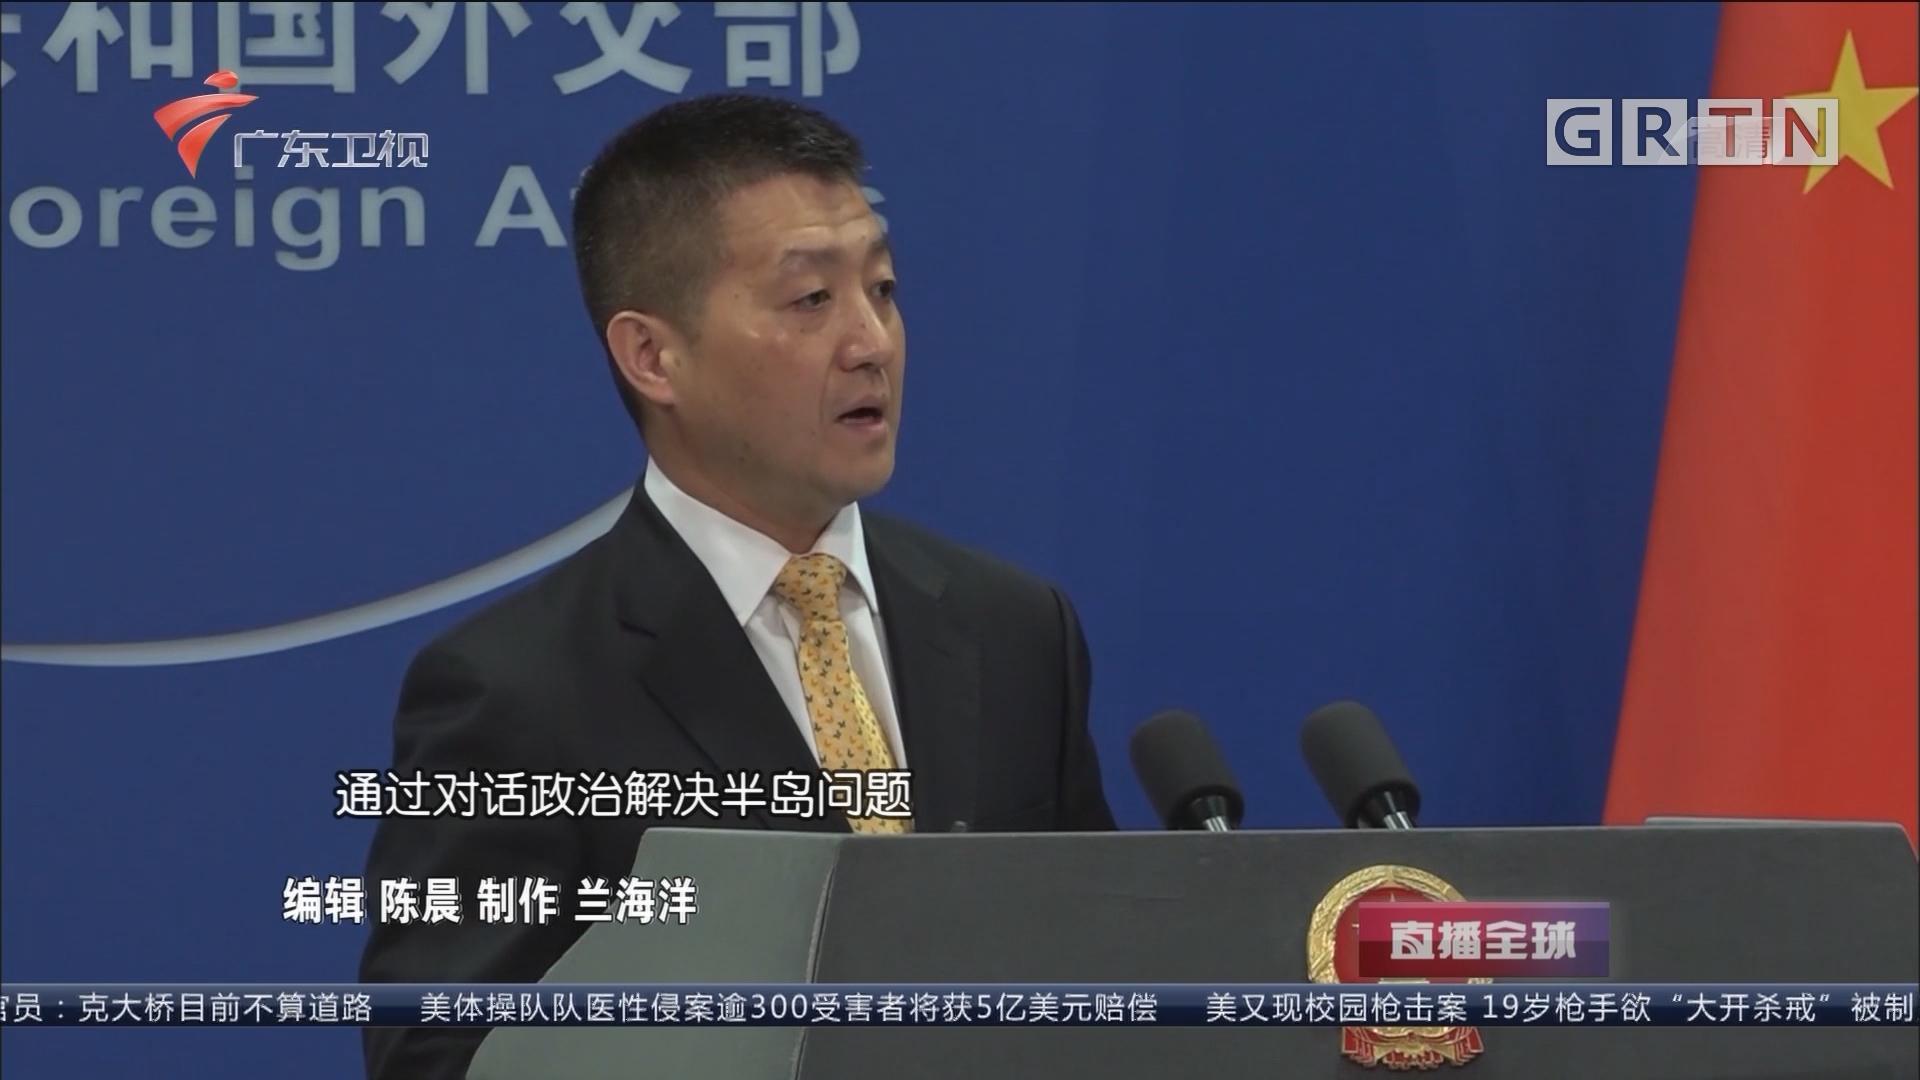 外交部长王毅谈当前朝鲜半岛局势 王毅:各方需要相向而行 而不是背道而驰